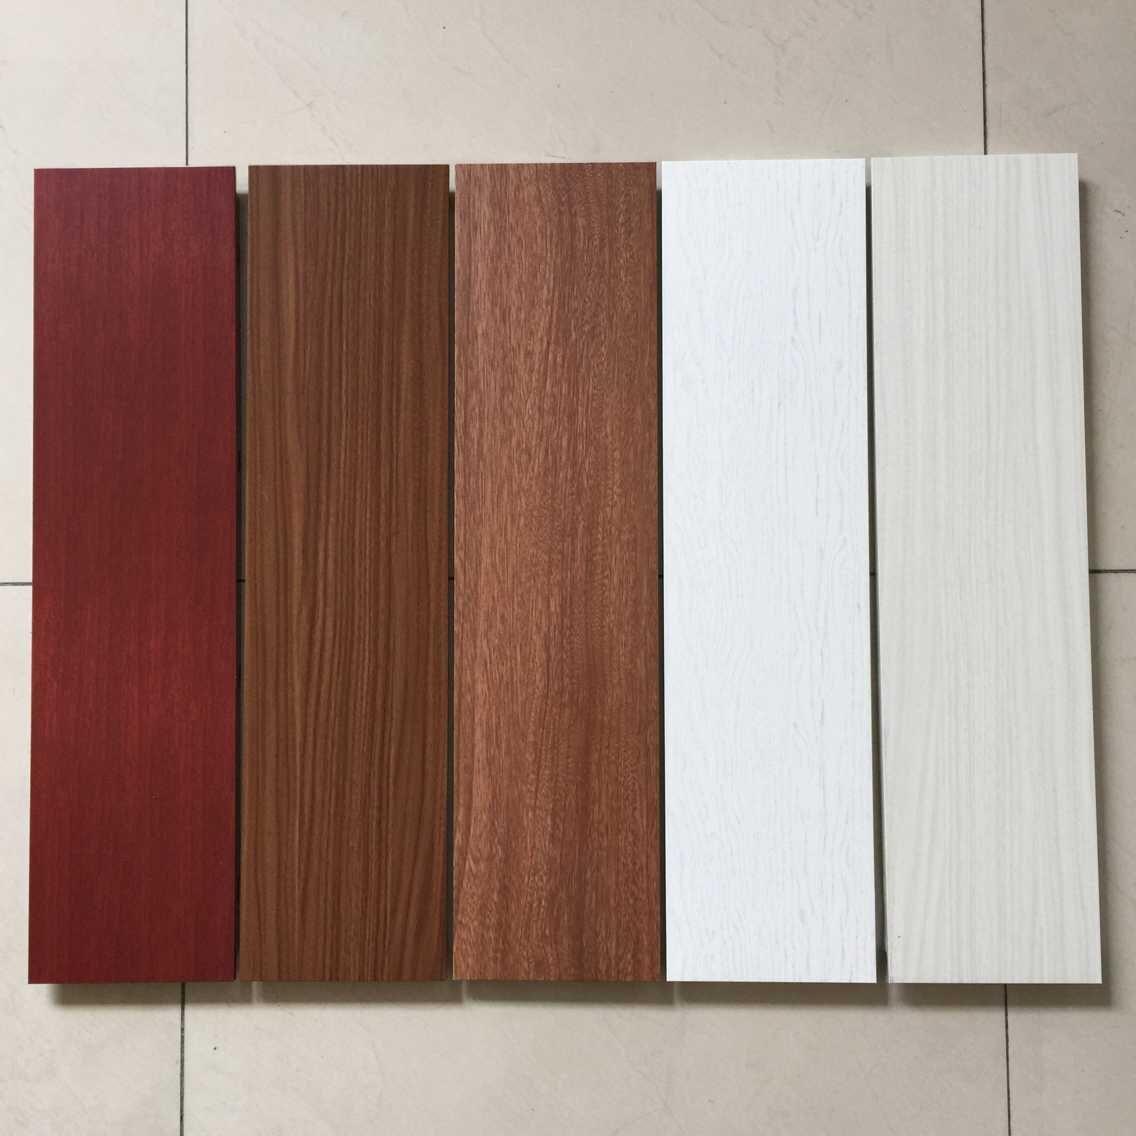 涂装,板面平整,无色差,涂层附着力强,能耐酸、碱、盐雾的侵蚀,长时间不变色,涂料不脱落,氟碳涂层板是户外使用的极为理想的装饰材料,使用寿命二十年以上,且保养方便,用水冲洗便洁净如新。铝条扣具有极强的复合牢度。铝扣板精选高聚塑料与高分子材料经热压复合而成,一般经2小时沸水试验无粘合层破坏现象。而且适温性强。铝天花一般可在较大的温度变化下使用,其优良性能不受影响。产品重量轻,强度高。在与相同刚度情况下的其他,重量远比其它材料轻。最重要的是产品安全无毒、防火。铝扣板的芯层是无毒的聚乙烯,其表面是非可燃的铝板,故